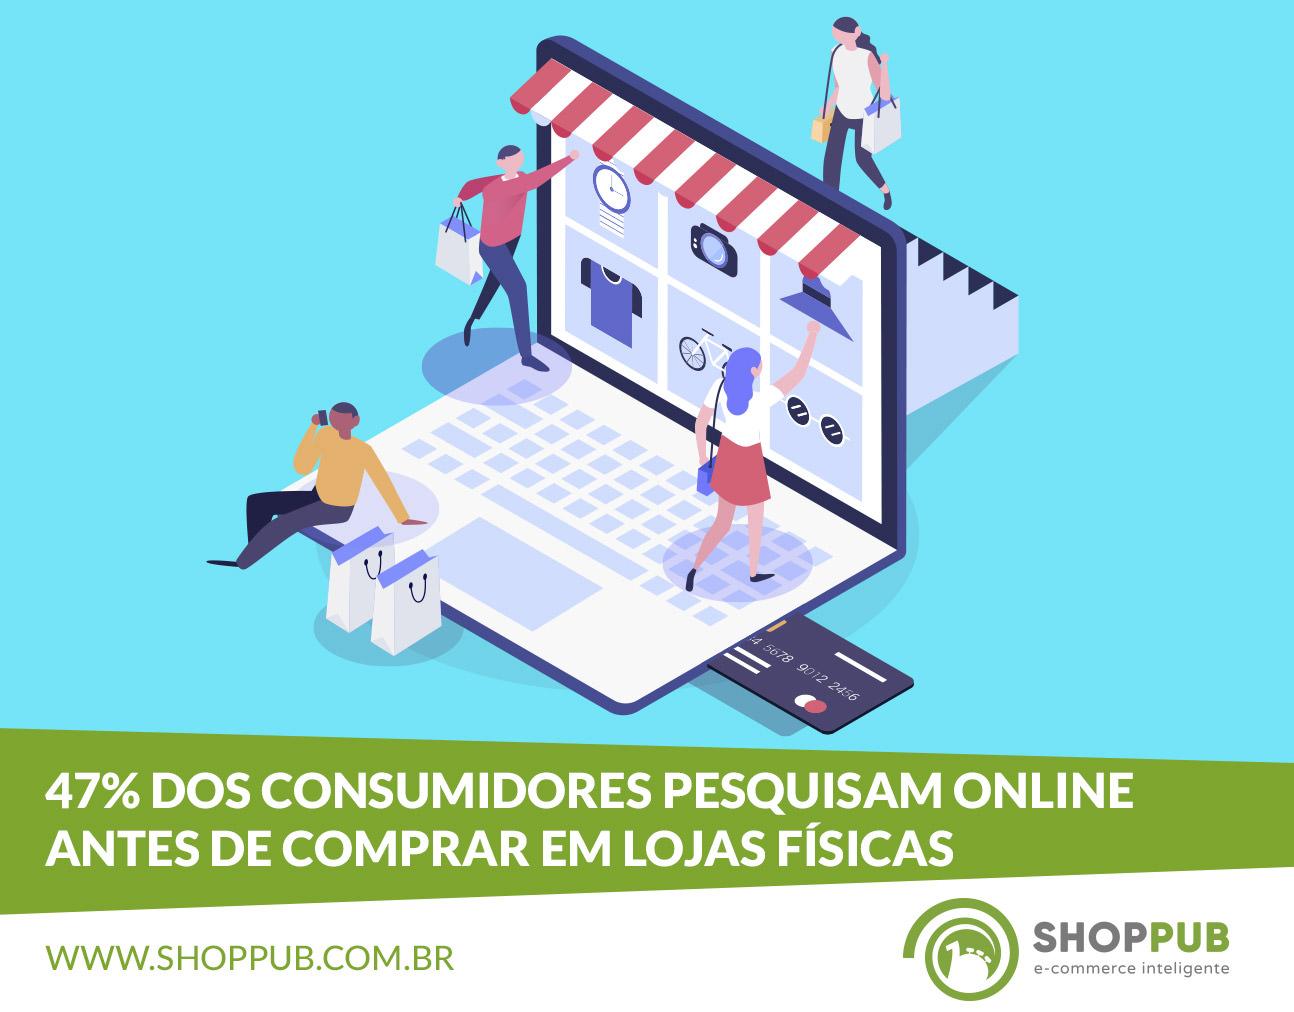 47% dos consumidores pesquisam online antes de comprar em lojas físicas, aponta estudo